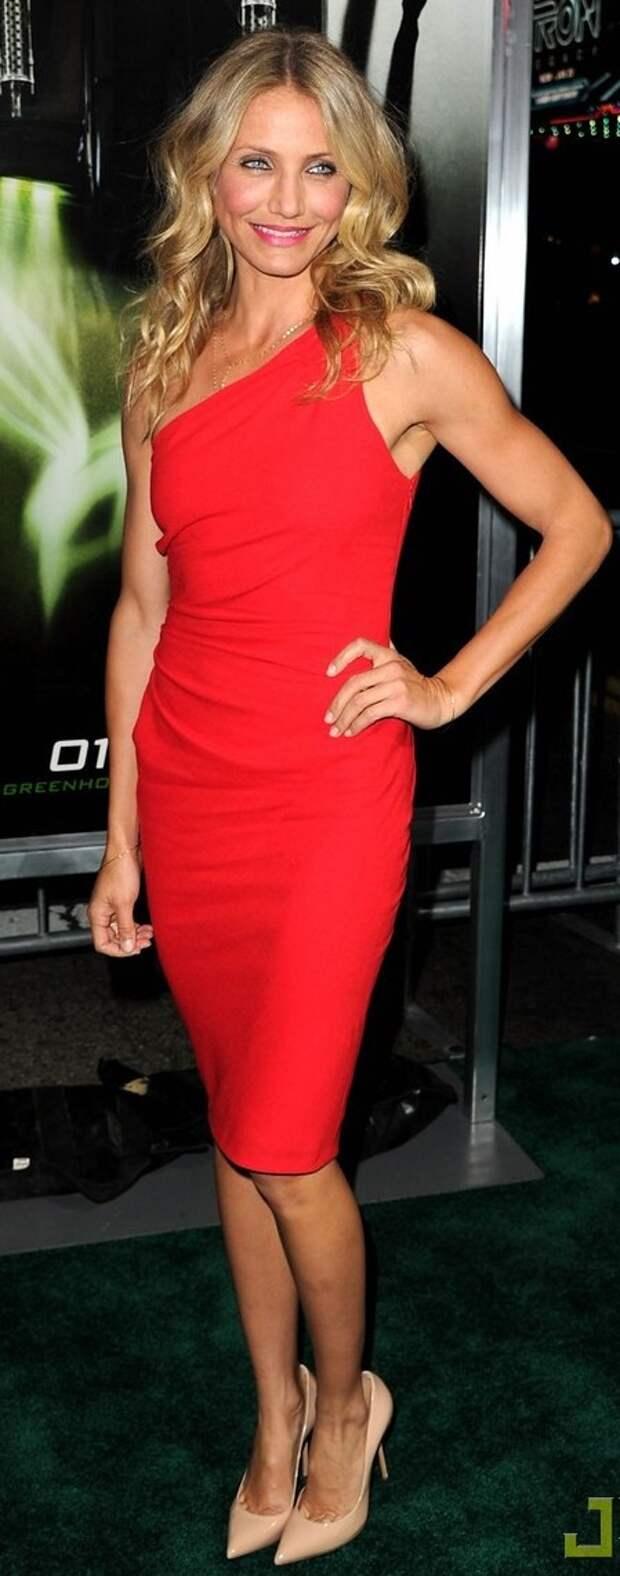 Cameron Díaz red dress